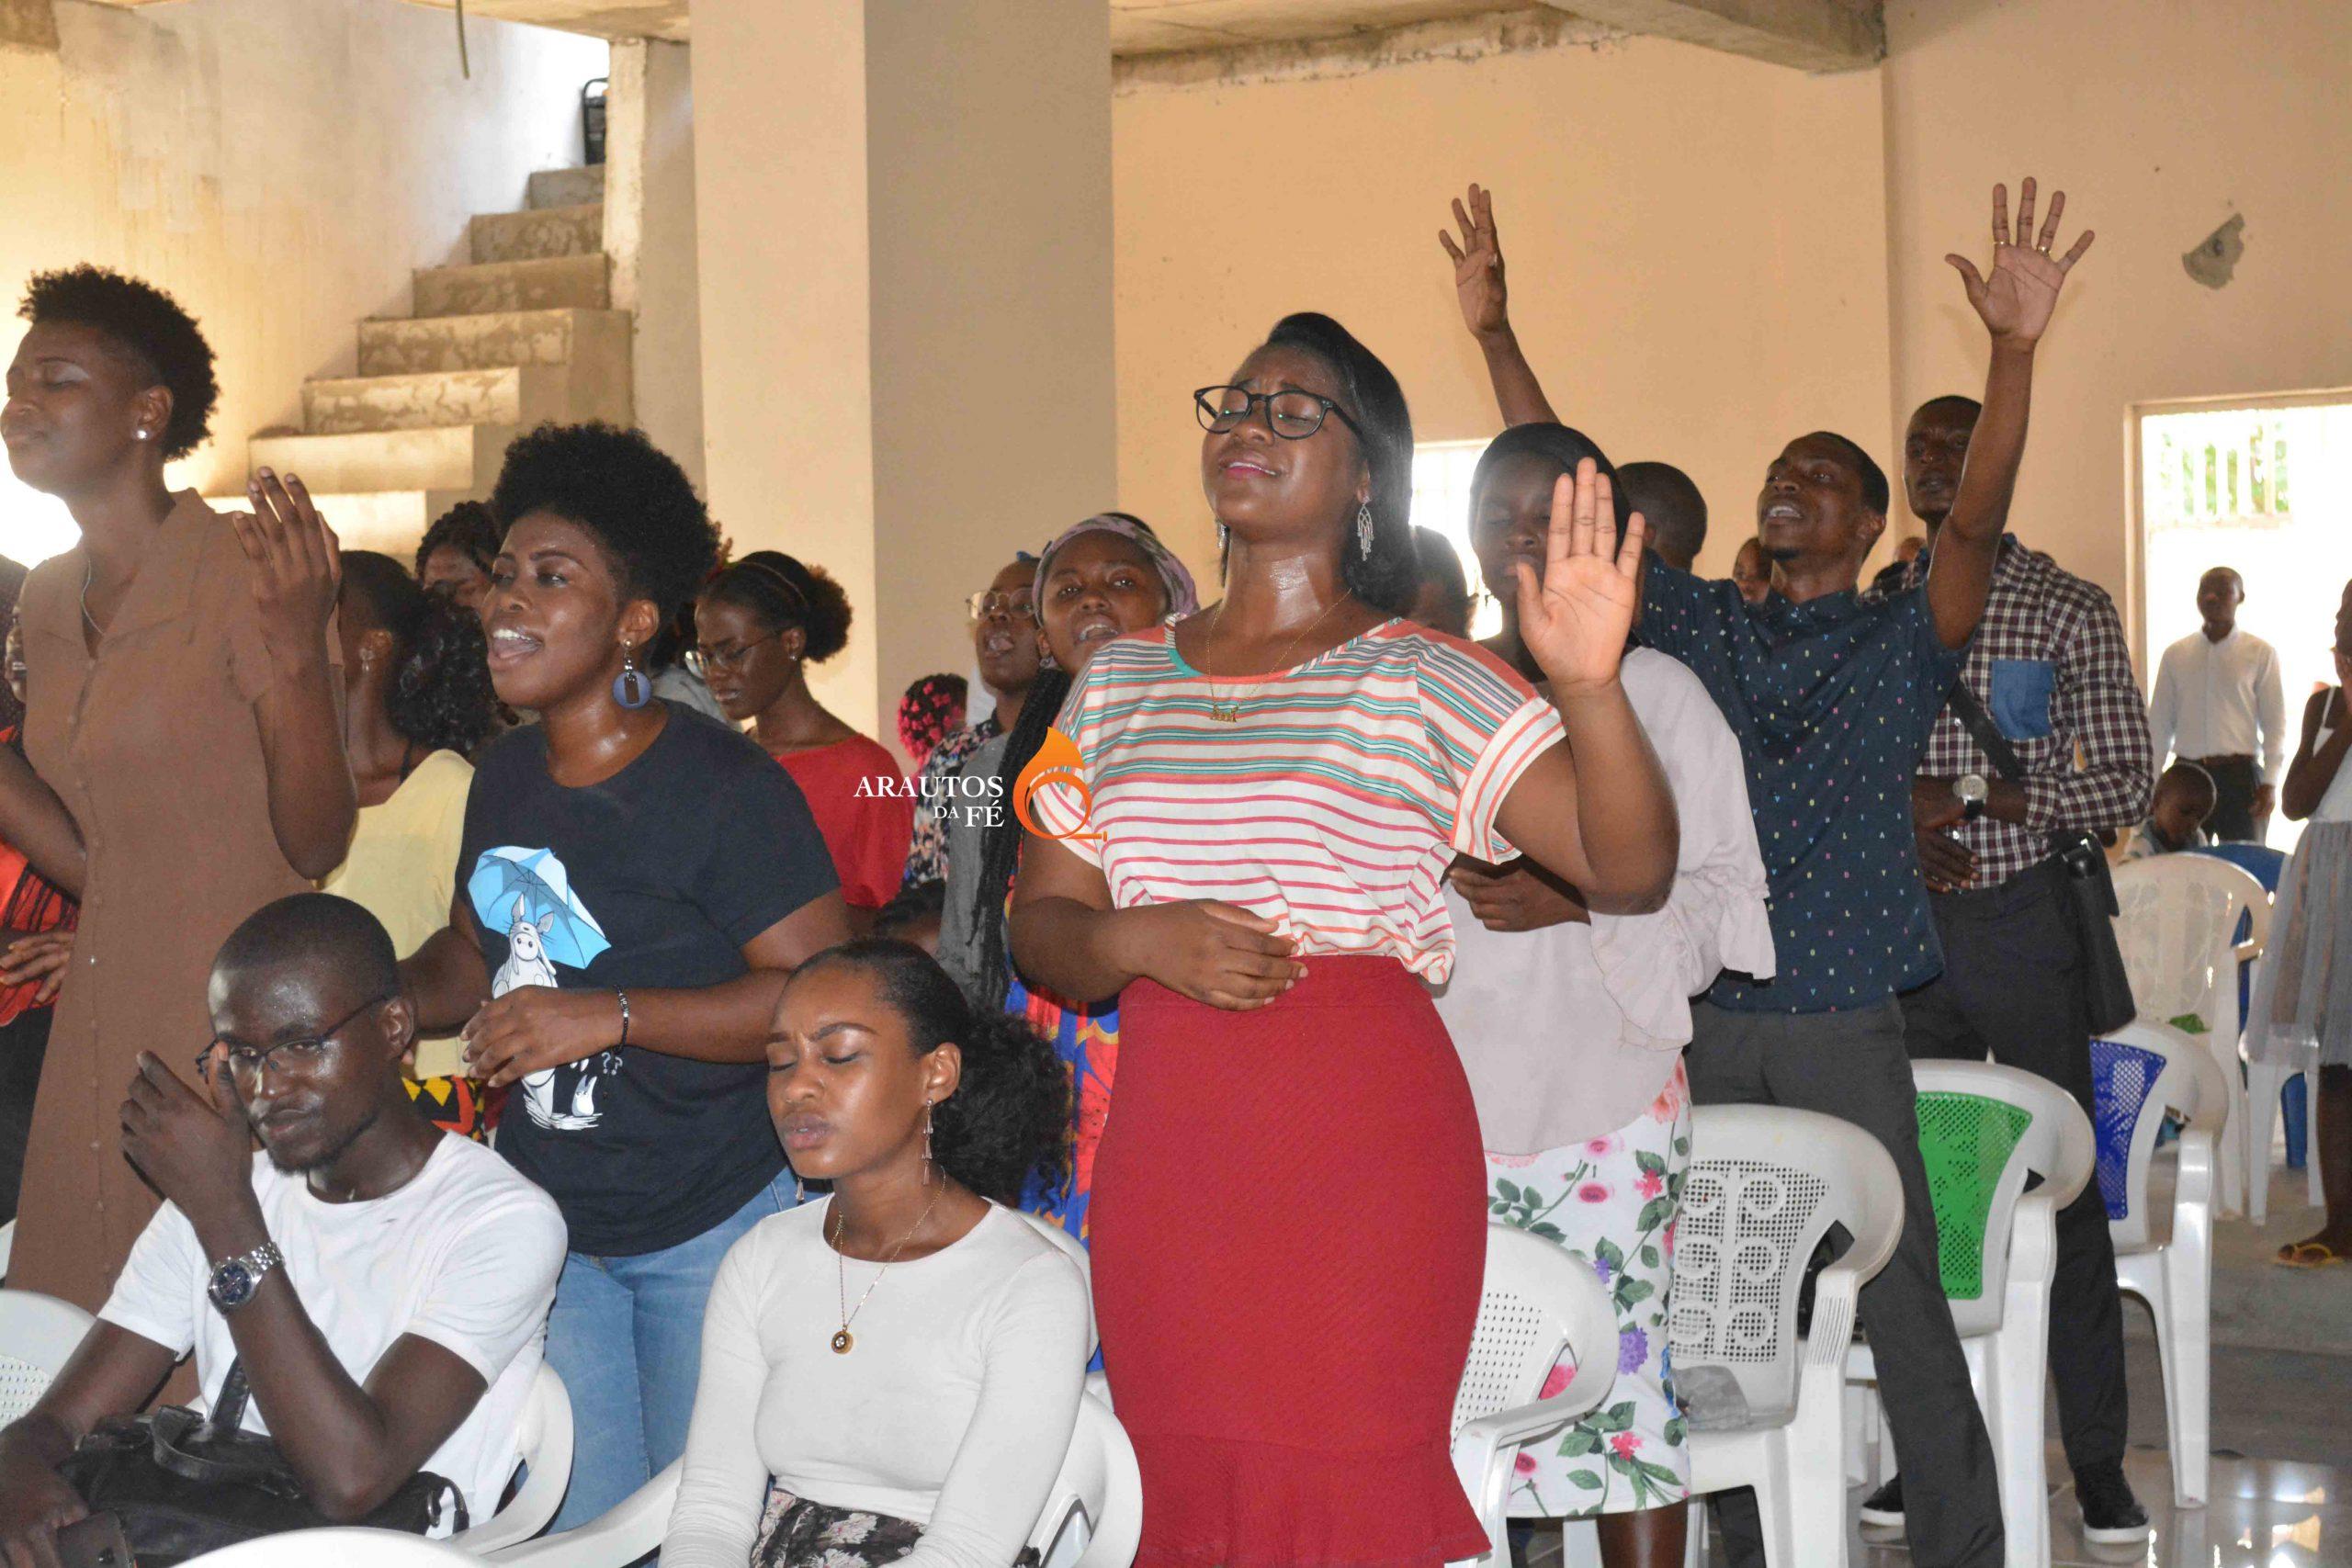 Público gospel